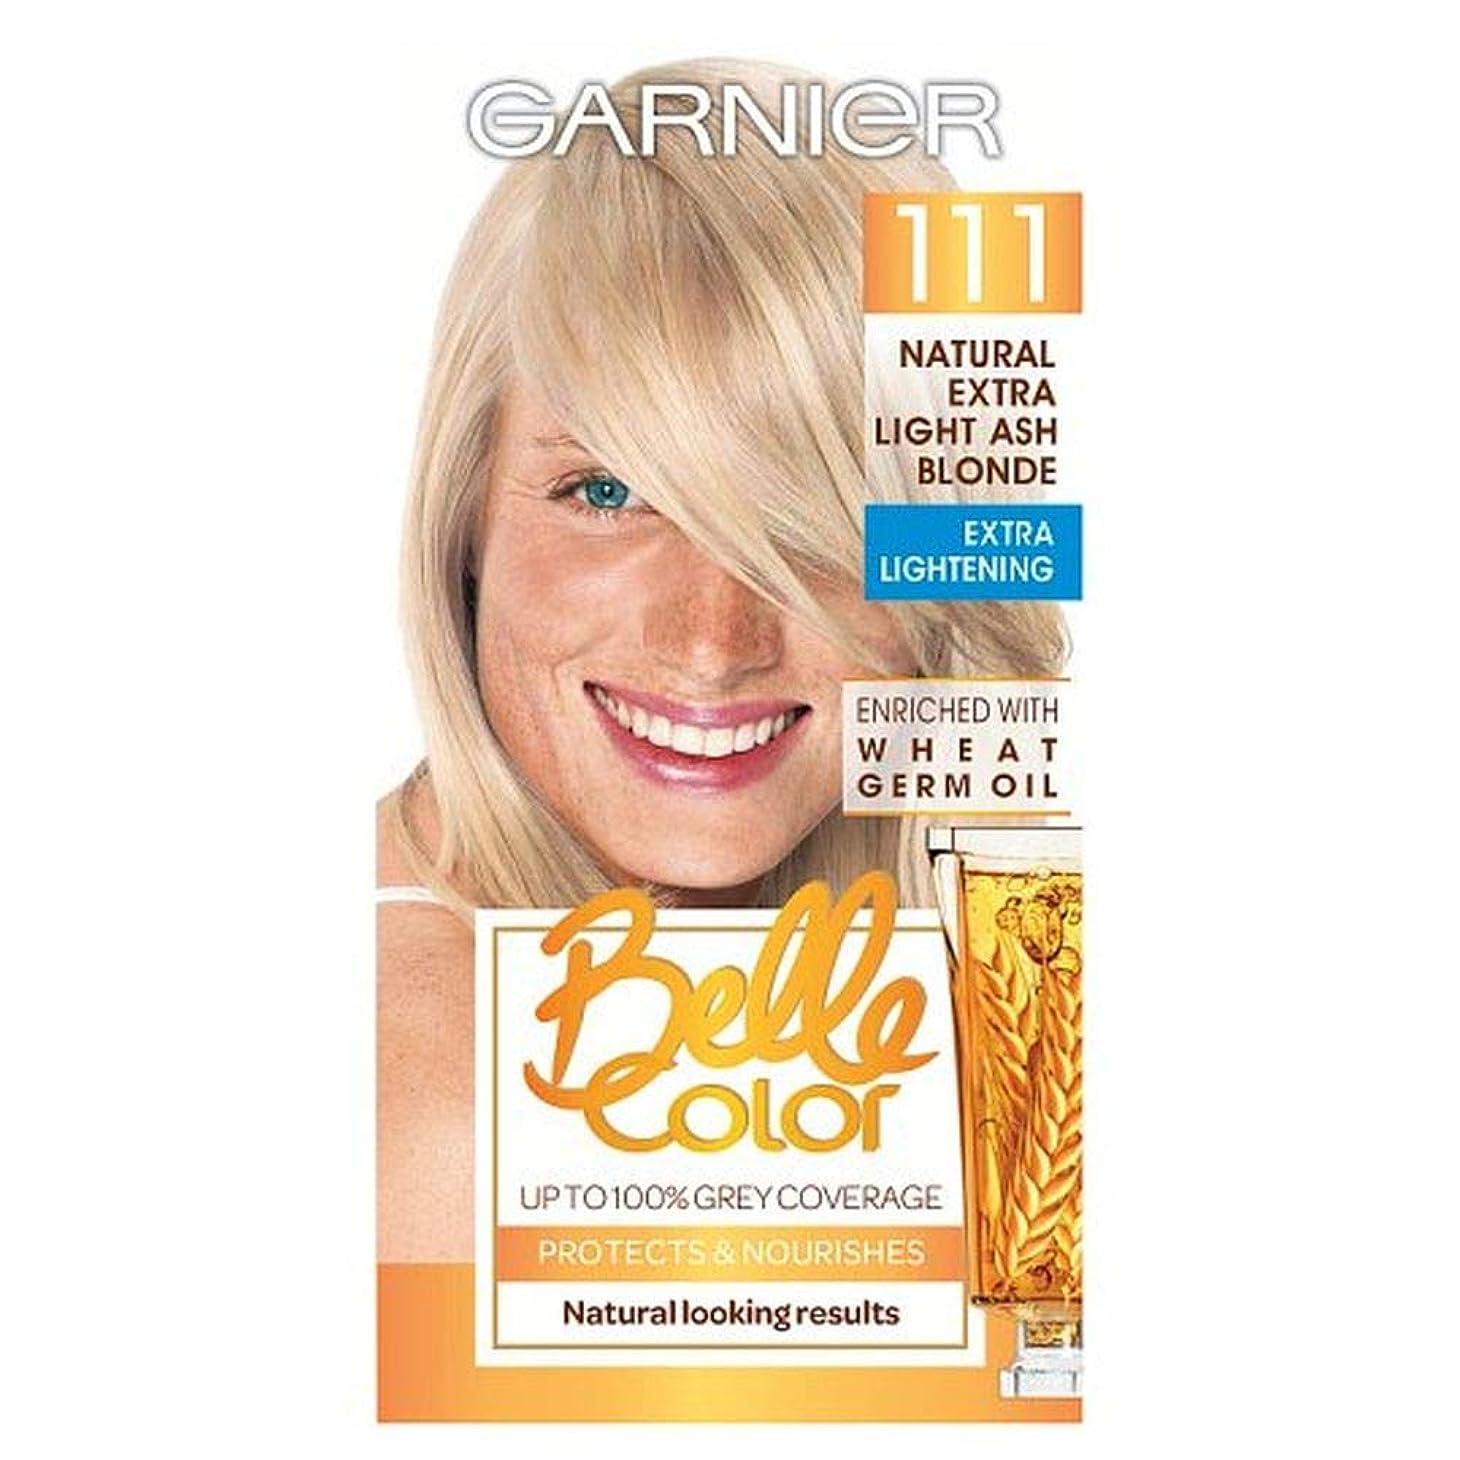 運営はがき神経衰弱[Belle Color ] ガーン/ベル/Clr 111余分な光灰ブロンドパーマネントヘアダイ - Garn/Bel/Clr 111 Extra Light Ash Blonde Permanent Hair Dye [並行輸入品]